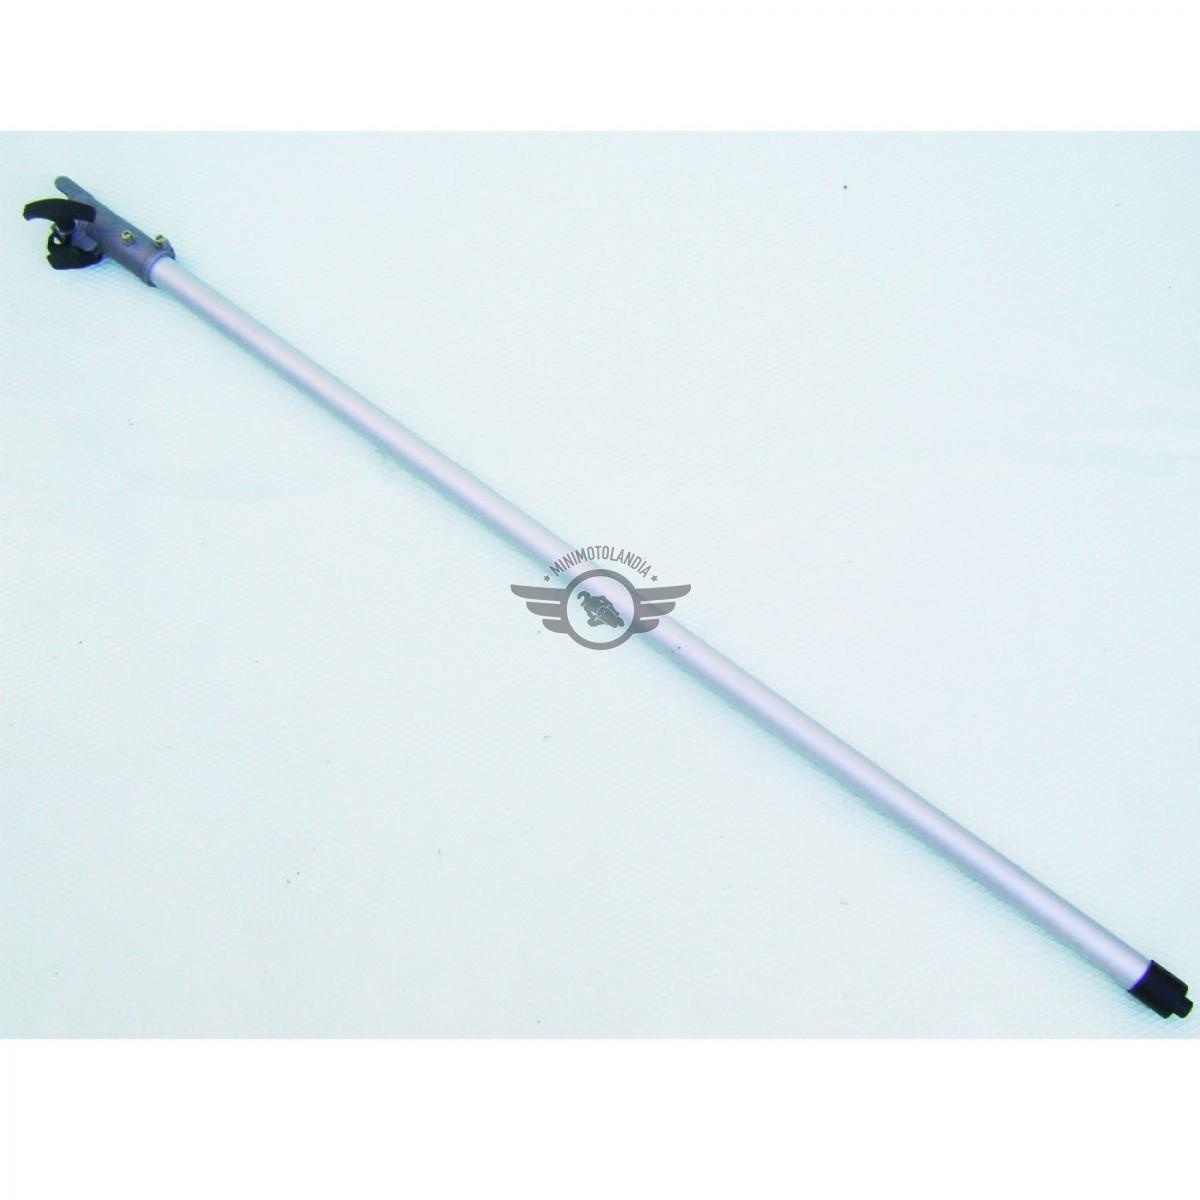 Pa0033-s Proto vantaggio Stencil TSSOP-14 0,65 mm stainls ACCIAIO